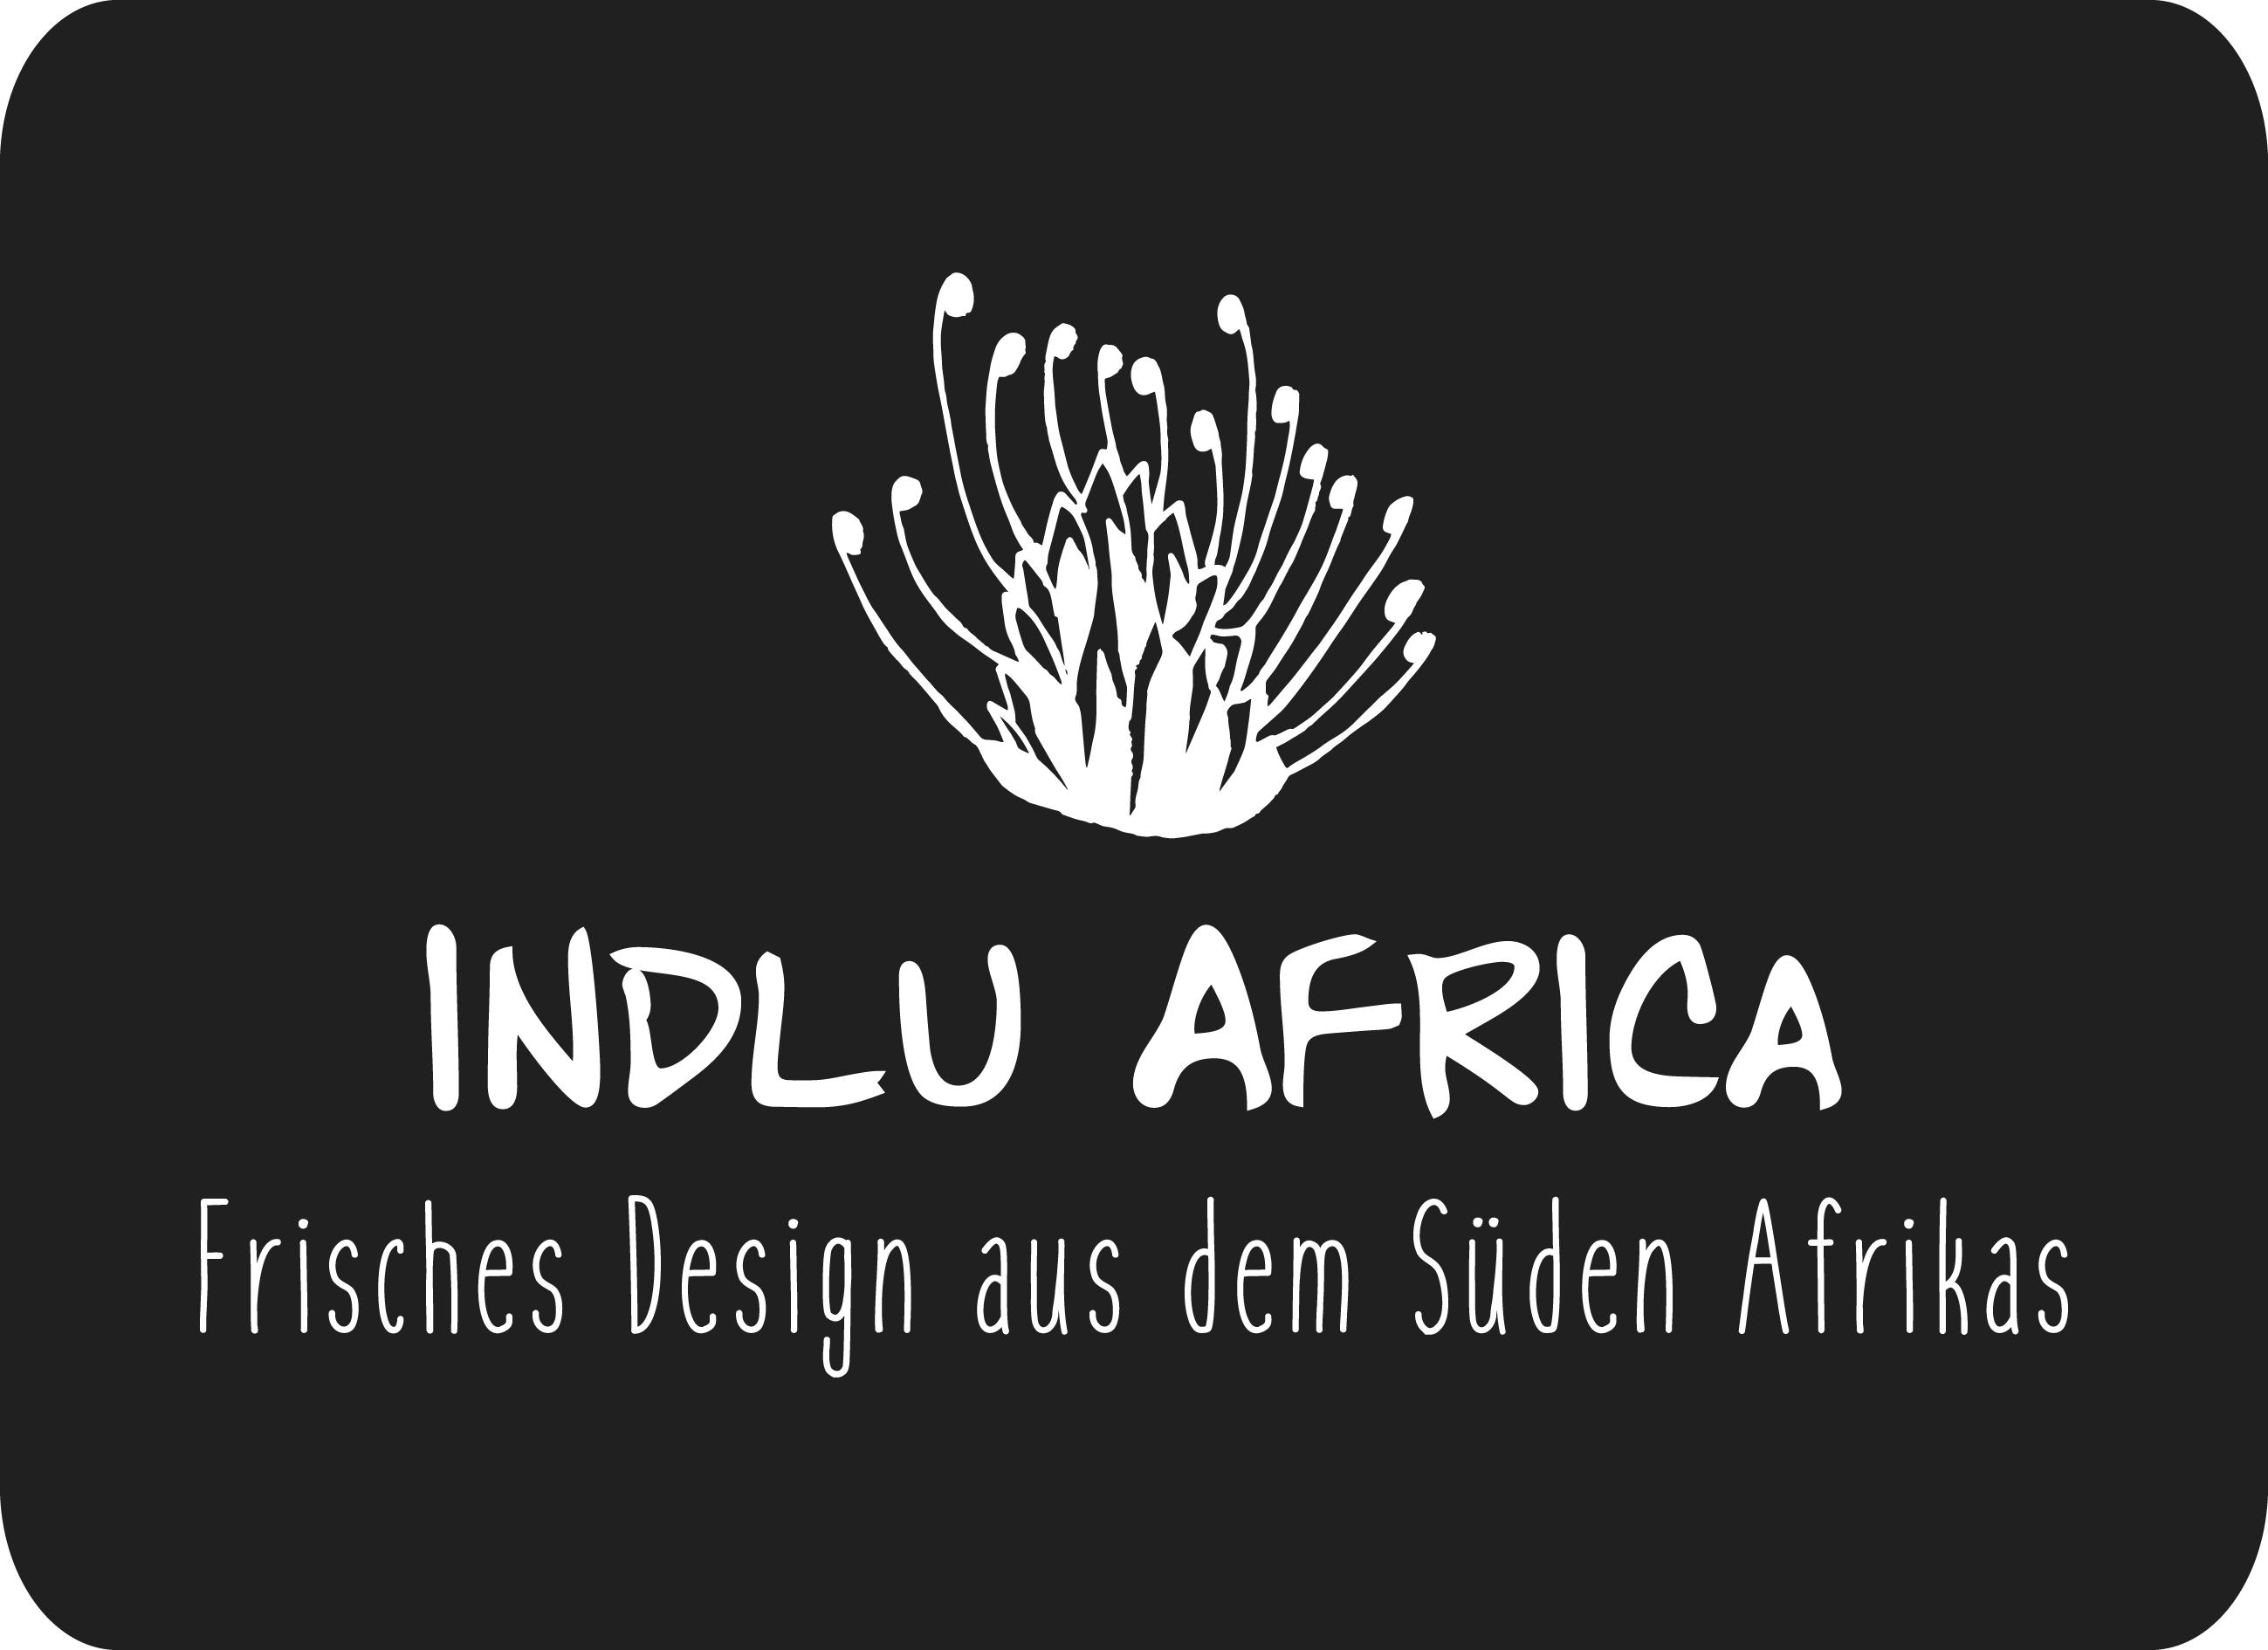 Indlu Africa in Lübeck